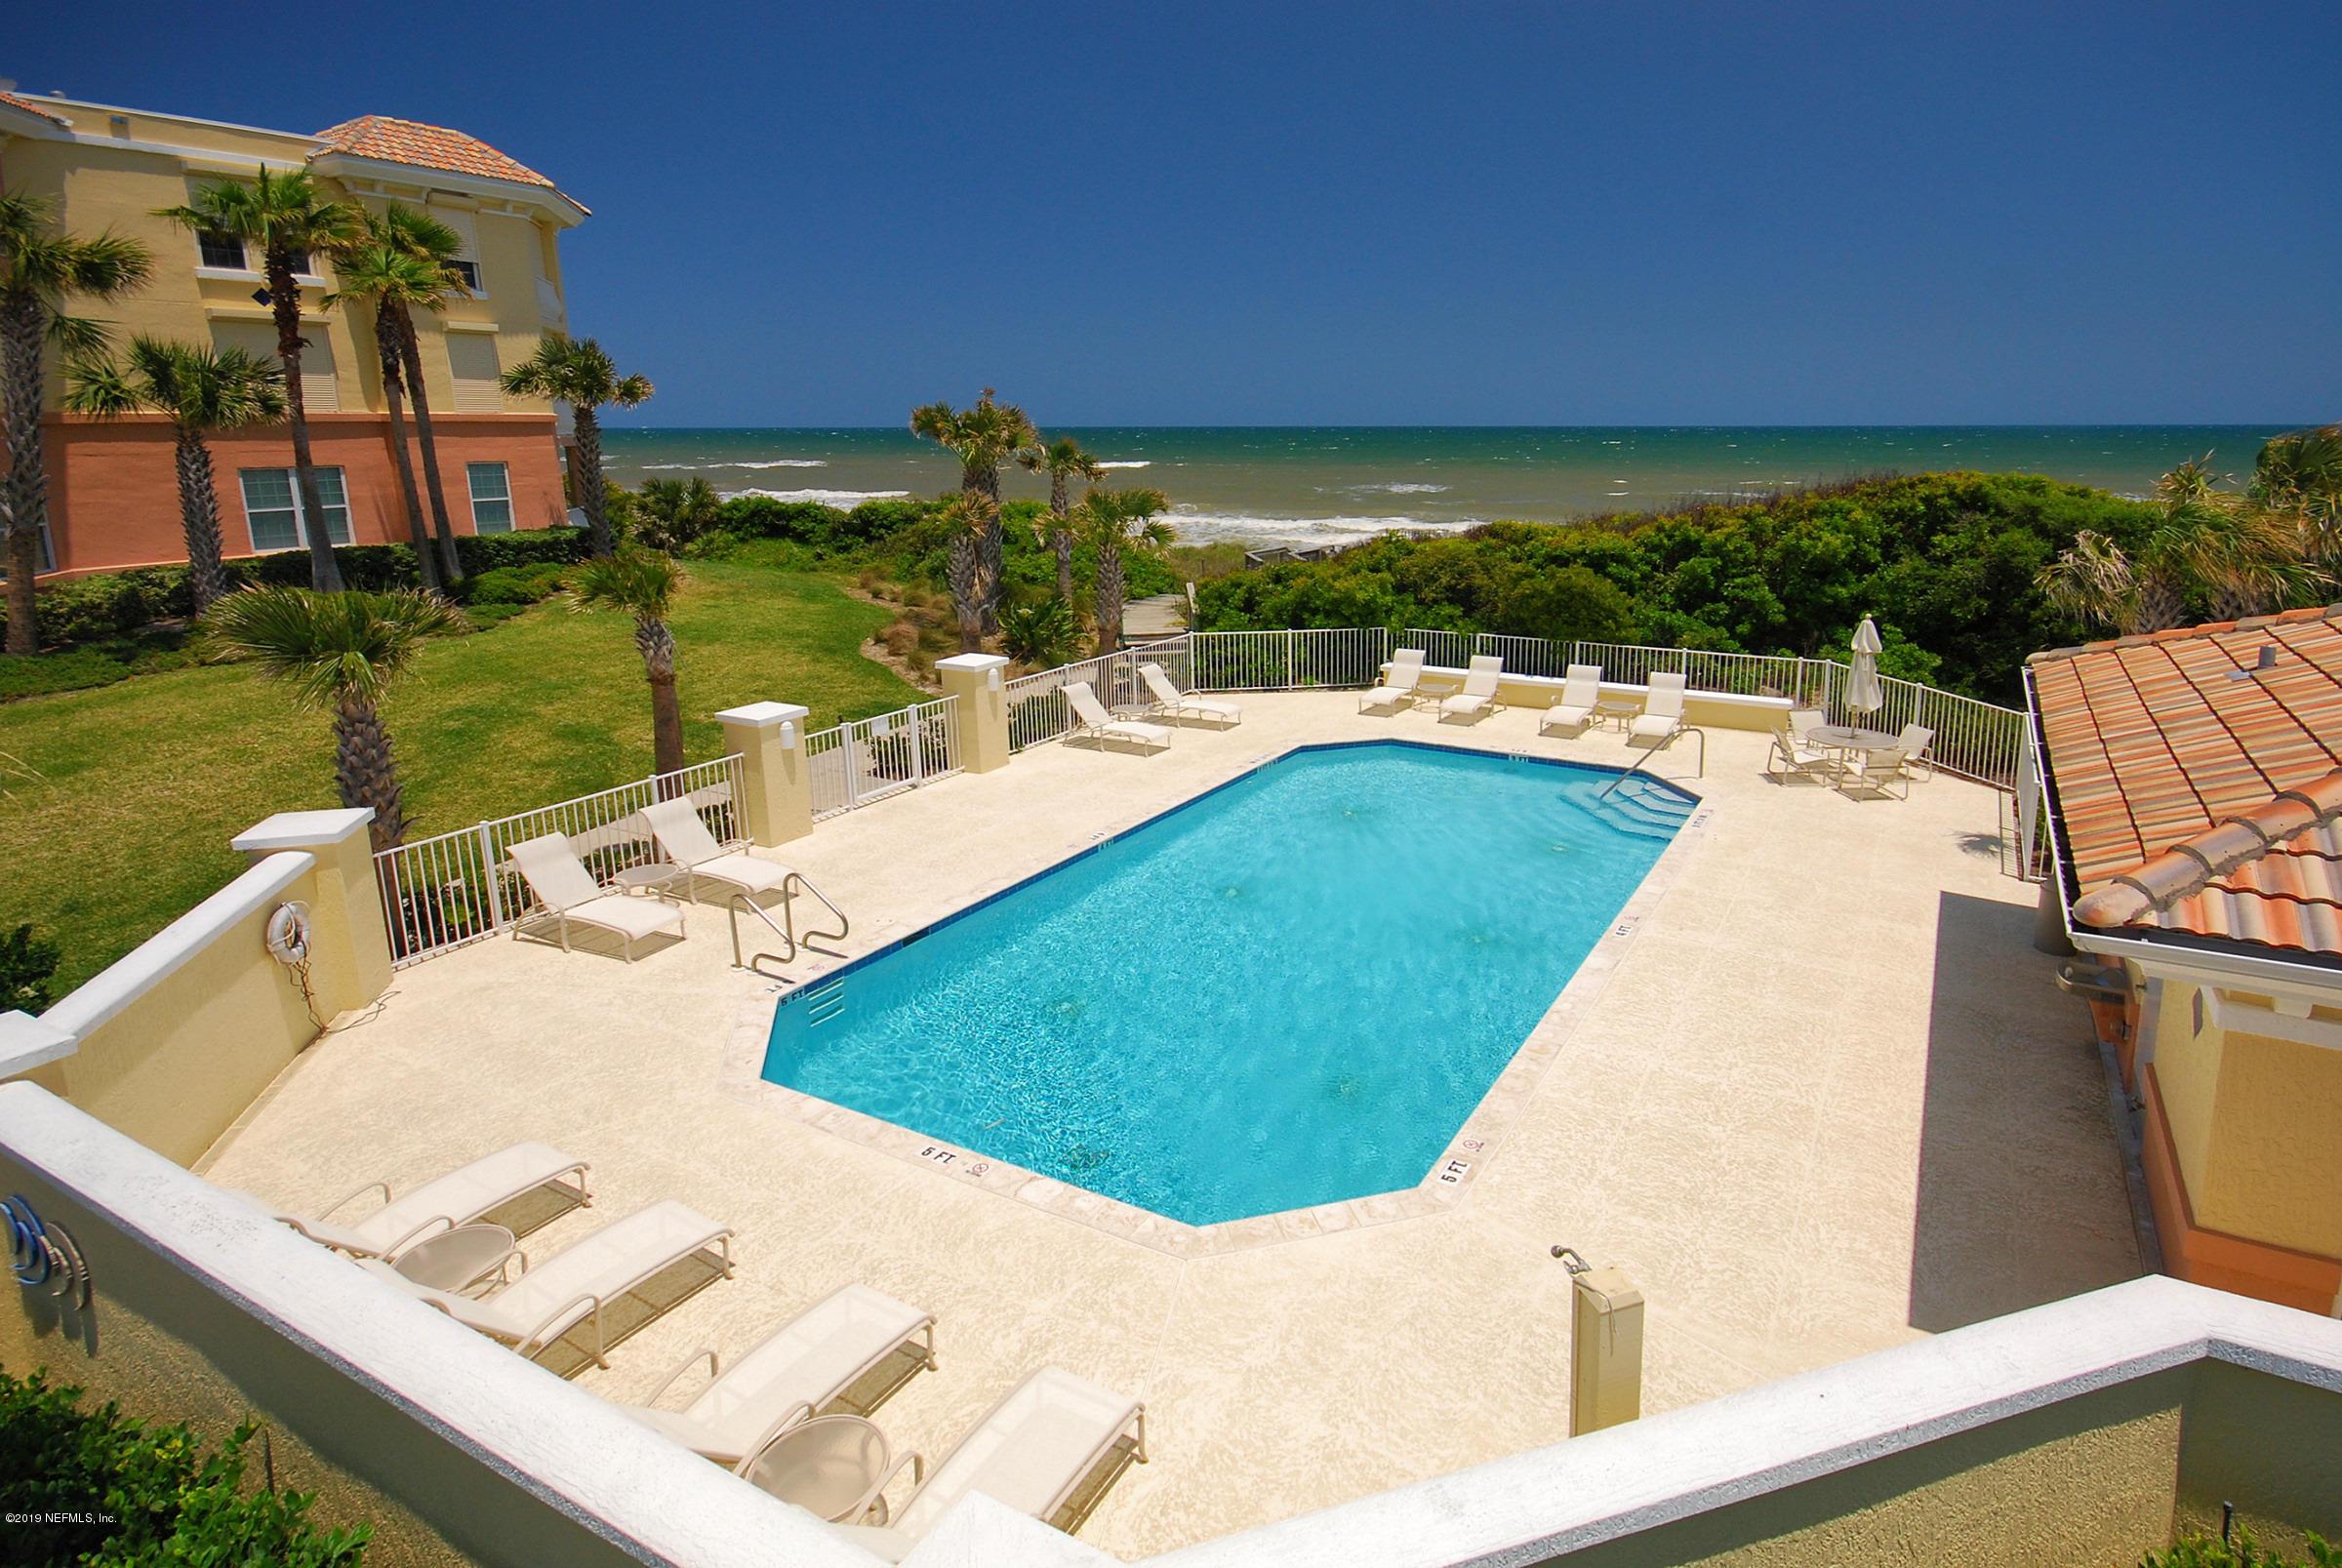 140 SERENATA, PONTE VEDRA BEACH, FLORIDA 32082, 3 Bedrooms Bedrooms, ,3 BathroomsBathrooms,Residential - condos/townhomes,For sale,SERENATA,977990